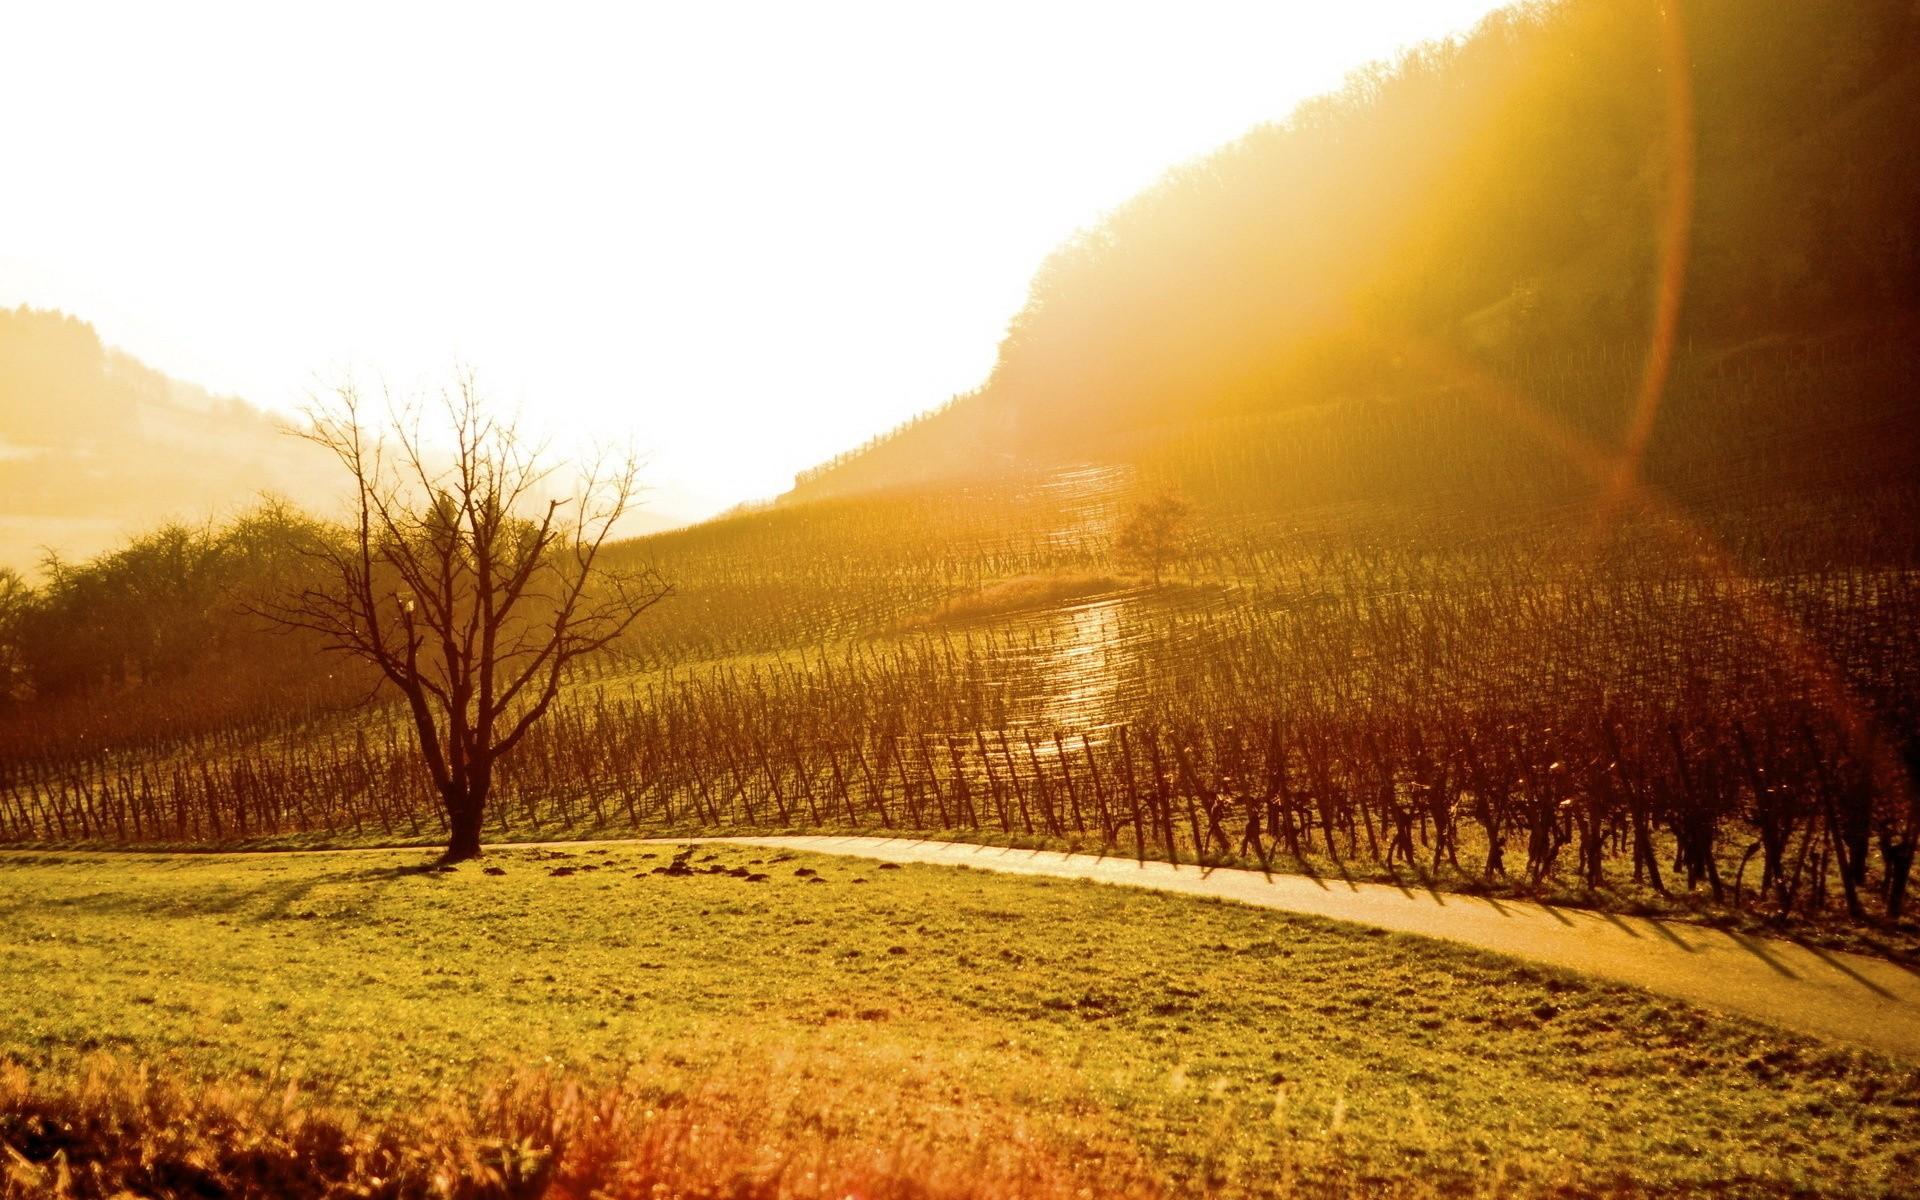 vineyard desktop wallpaper 51262